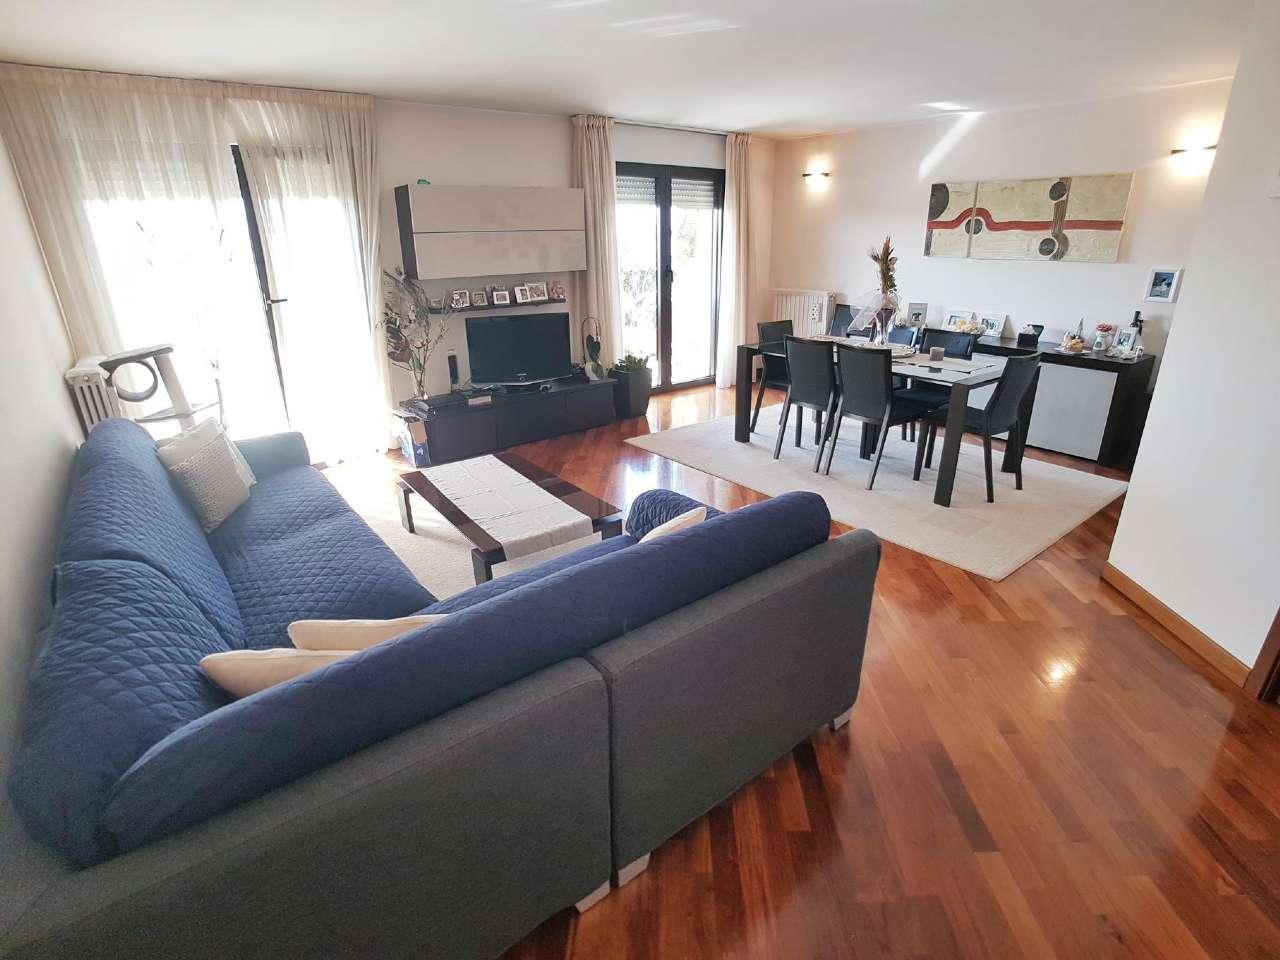 Appartamento in vendita a Saronno, 4 locali, prezzo € 425.000 | Cambio Casa.it